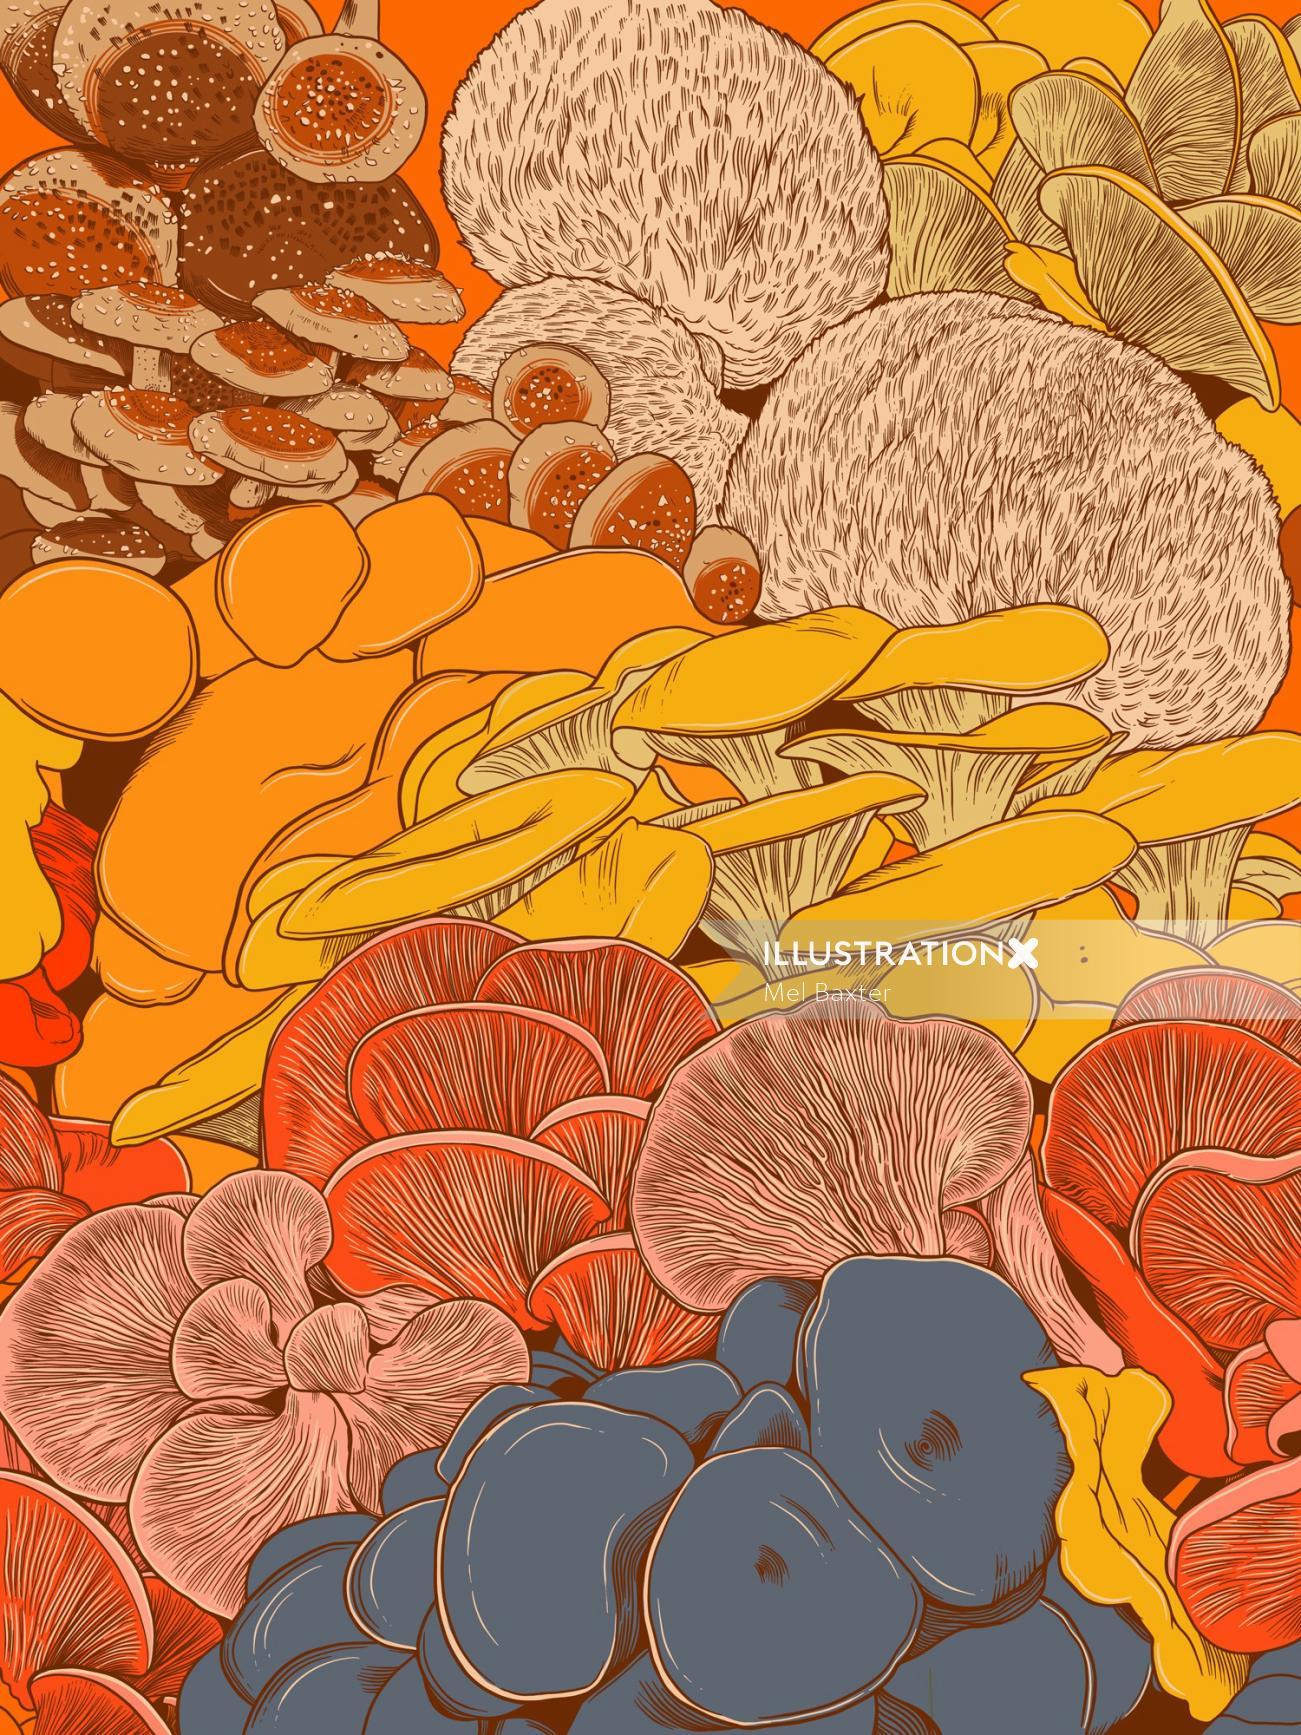 Beautiful gourmet mushrooms illustration